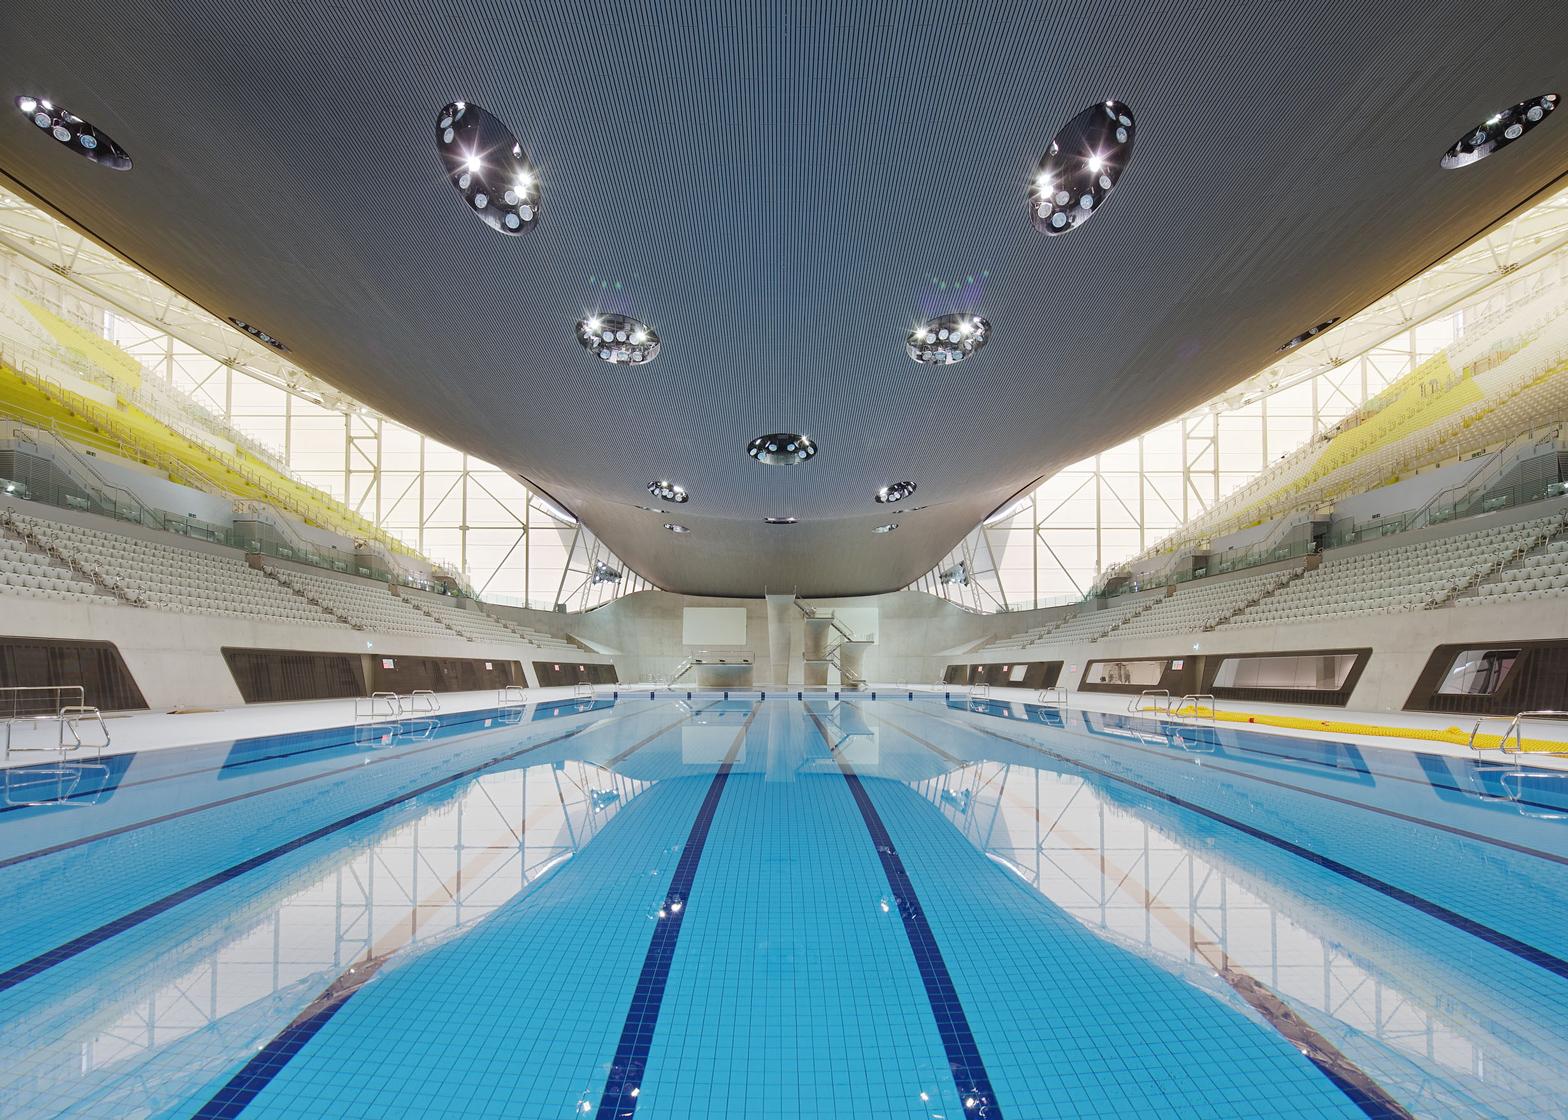 Aquatics Centre by Zaha Hadid, London 2012